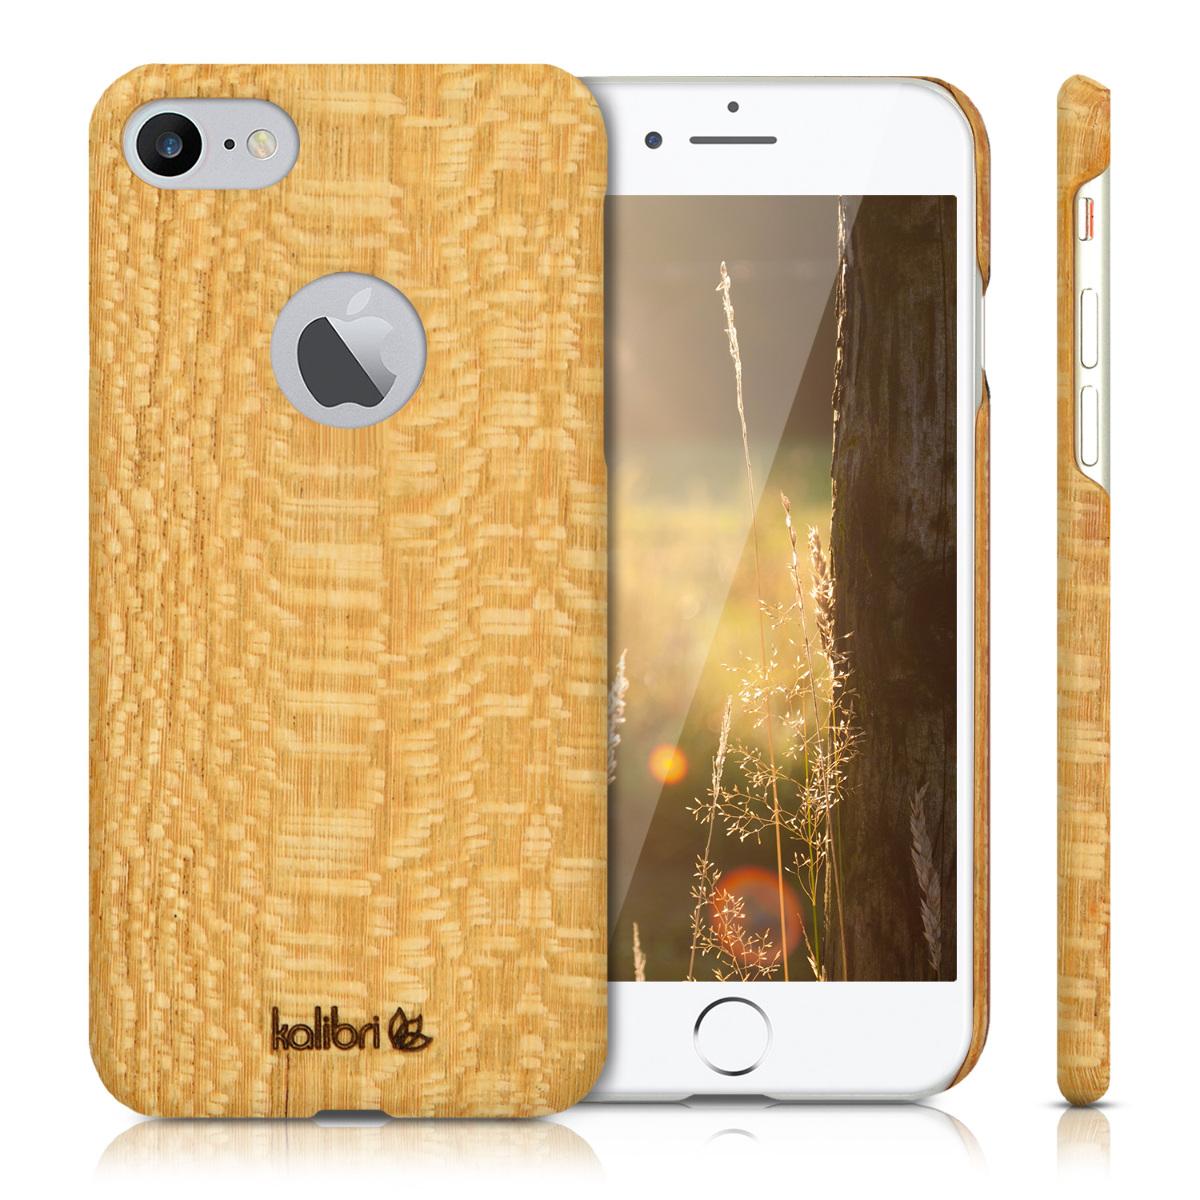 ETUI-EN-BOIS-POUR-APPLE-IPHONE-7-8-ETUI-SMARTPHONE-PROTECTION-PLASTIQUE-NATURE